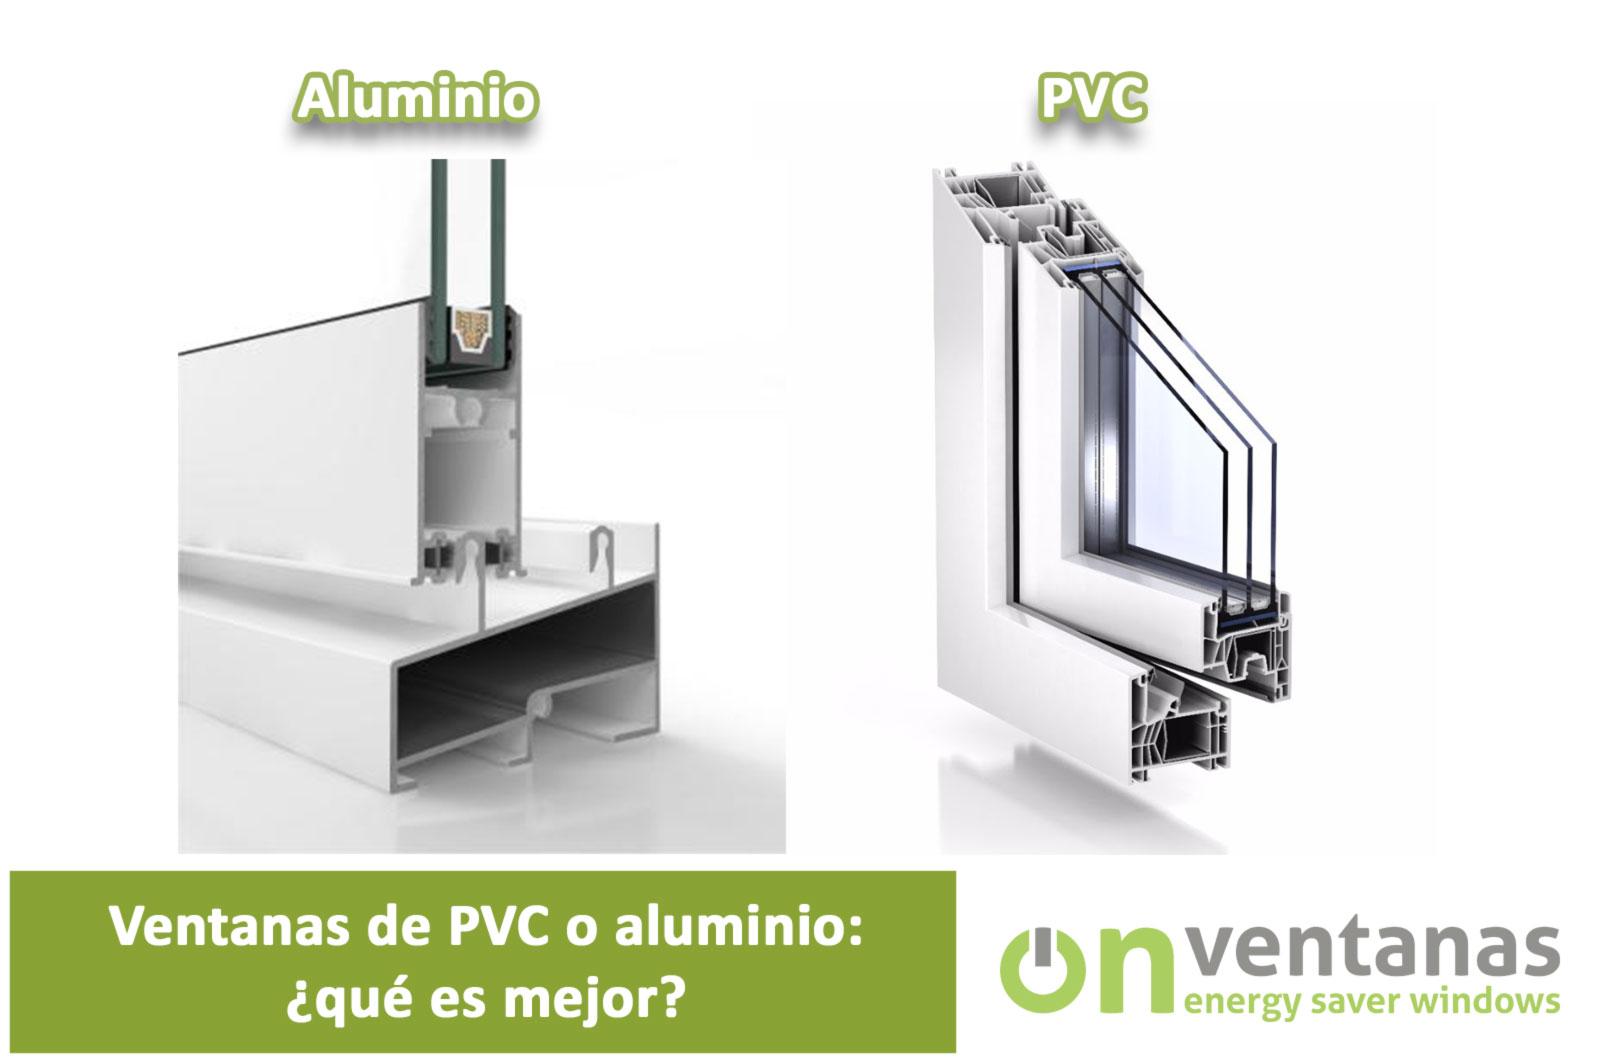 Ventanas pvc o aluminio: ¿Qué es mejor?